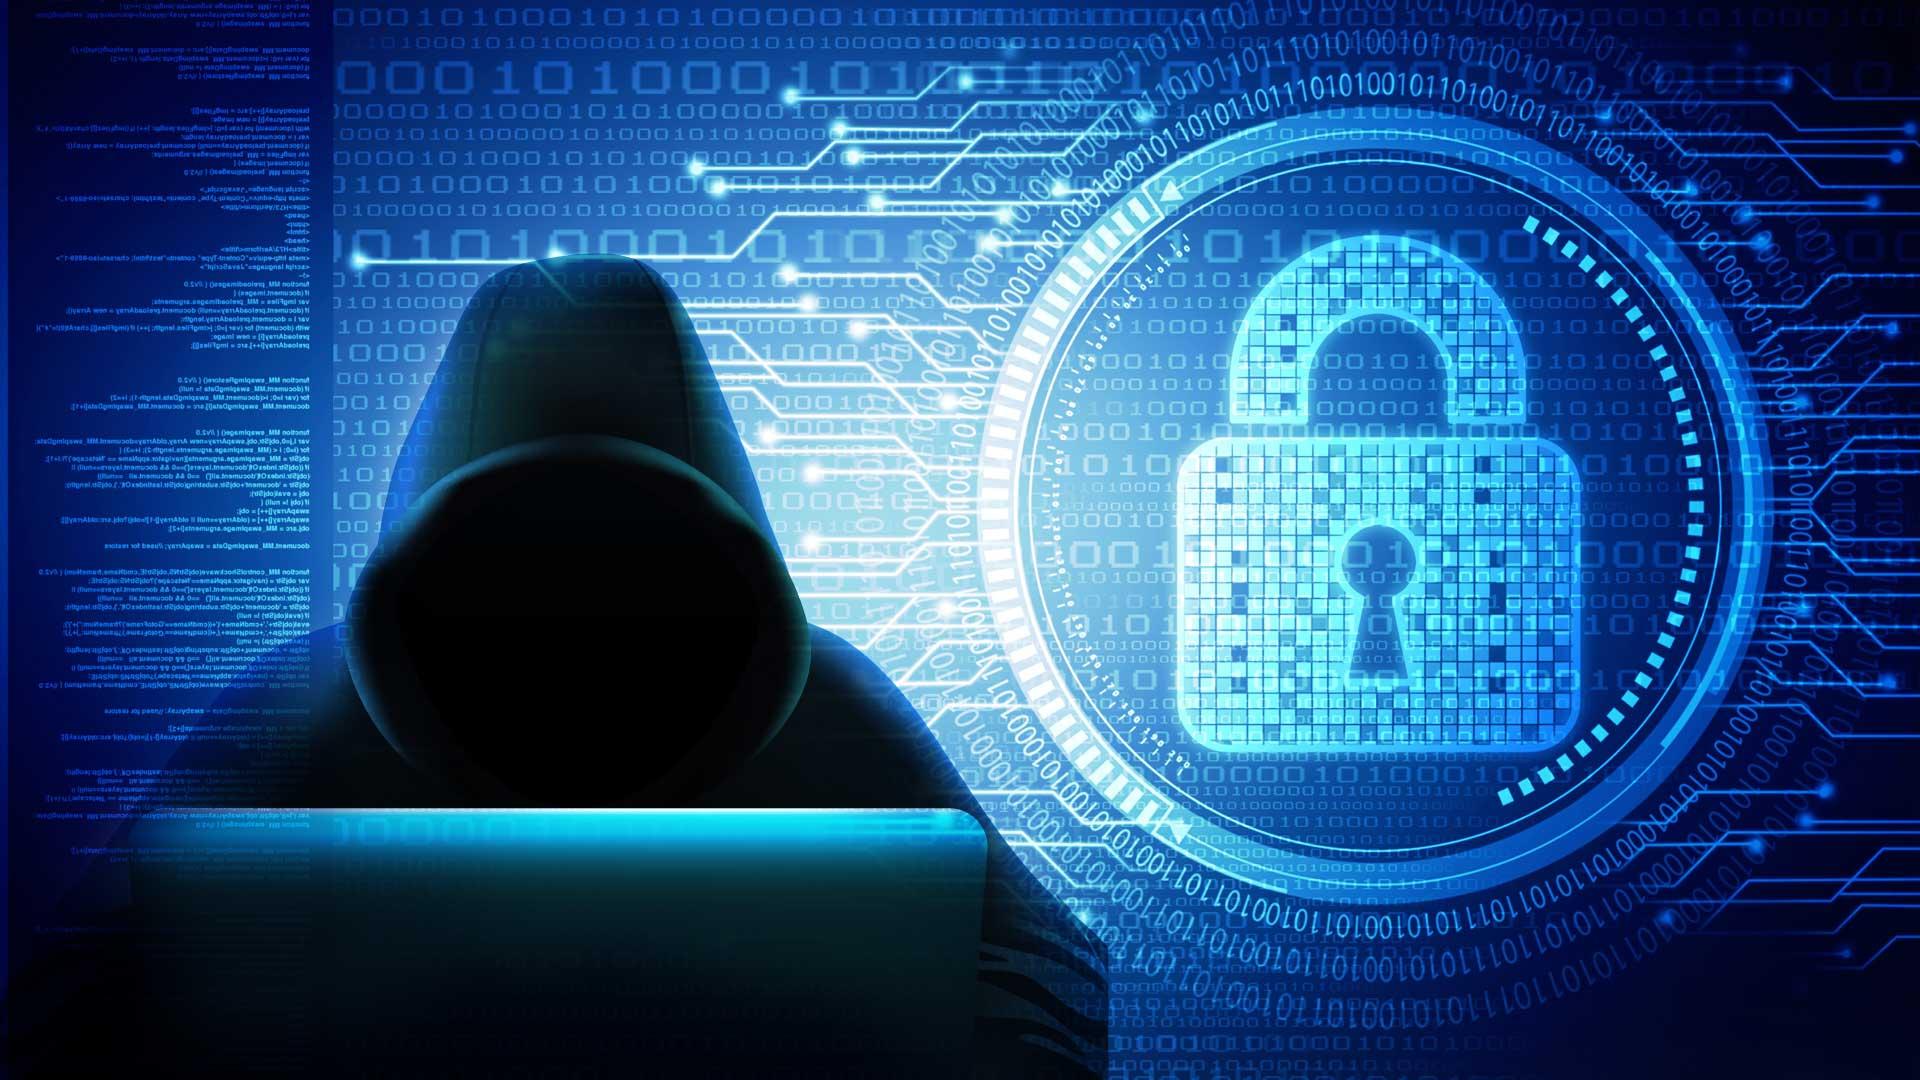 افزایش خطرات حملات سایبری ناشی از استرس